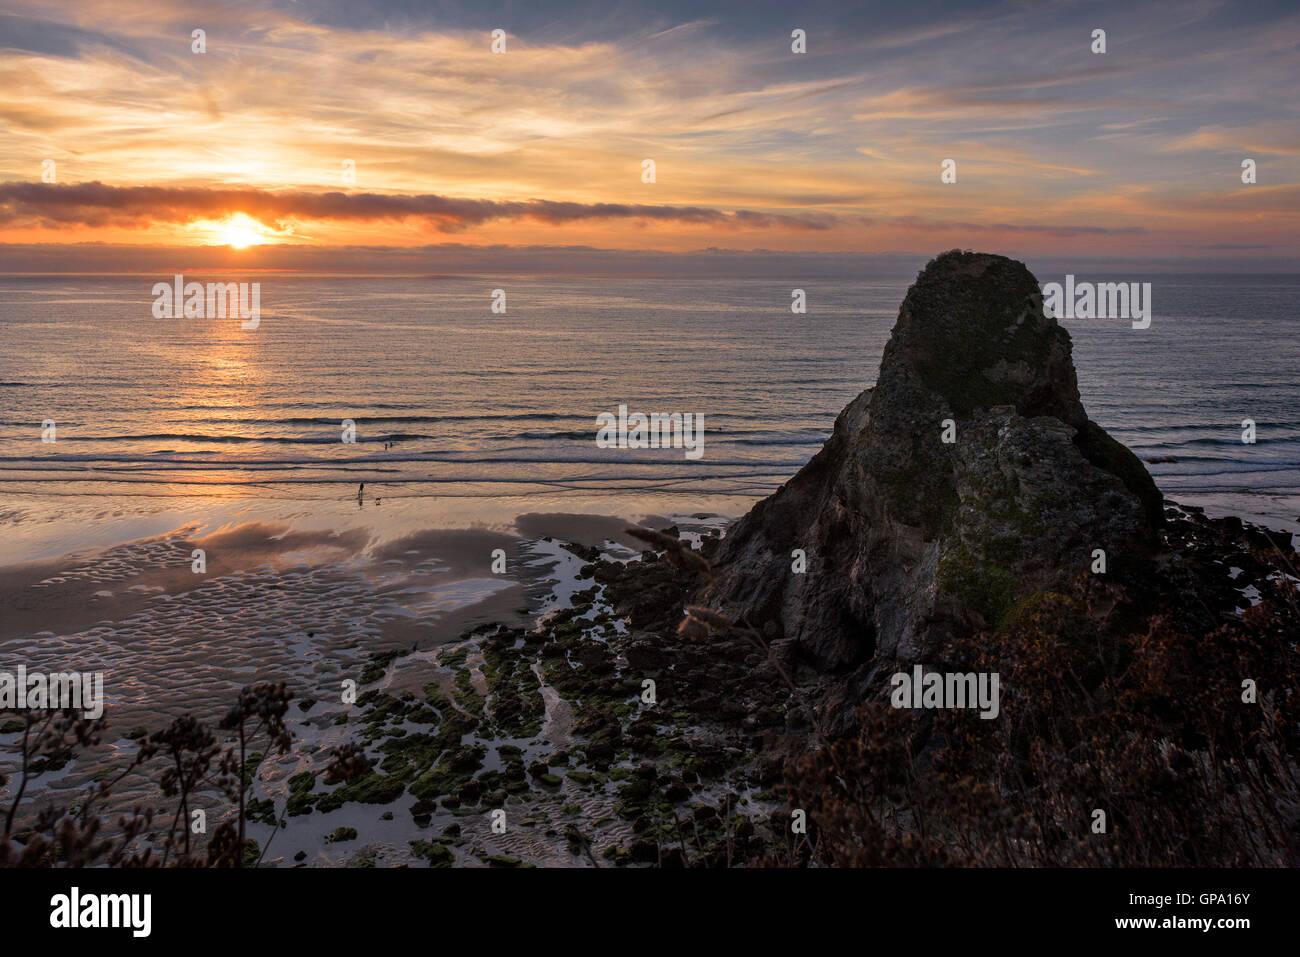 Spectaculaire coucher de soleil sur la plage de Whipsiderry à Newquay, Cornwall. Photo Stock